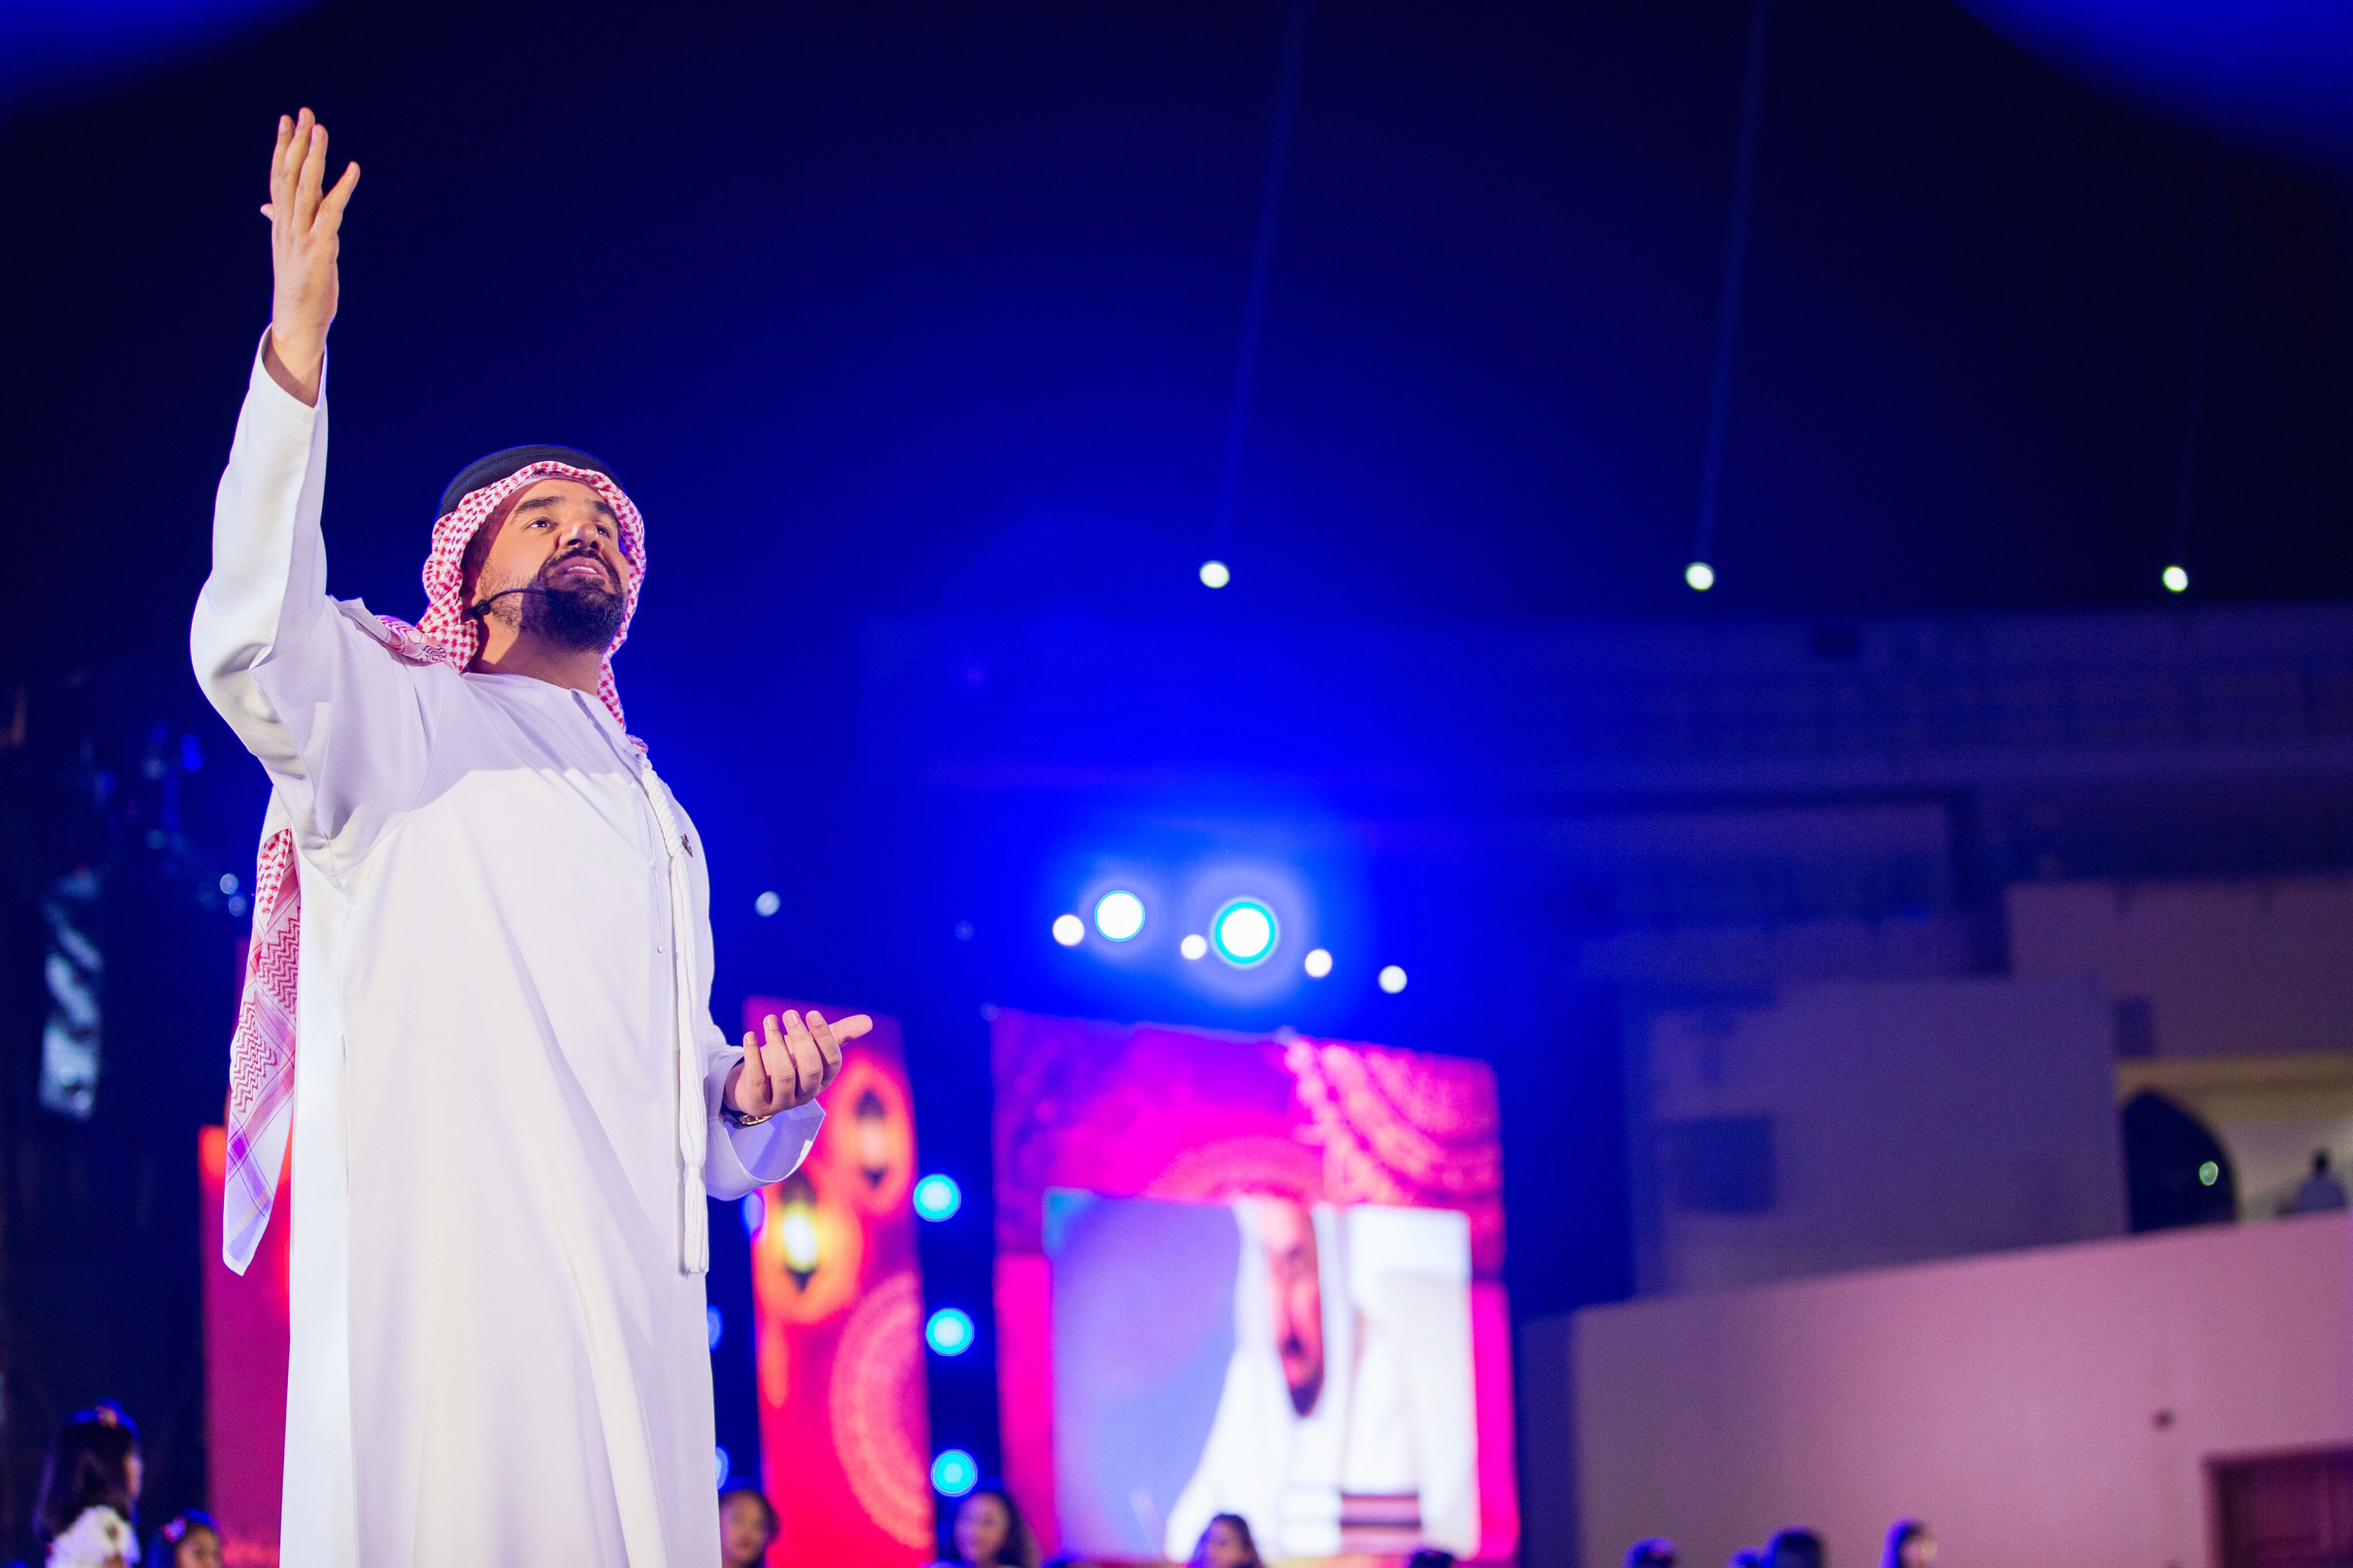 """صورة أطلق كليب """"أهل العزم"""" إحتفالاً باليوم الوطني الـ46 حسين الجسمي يعزف ألحان الحب و الولاء للوطن والقادة بين أرجاء الإمارات"""